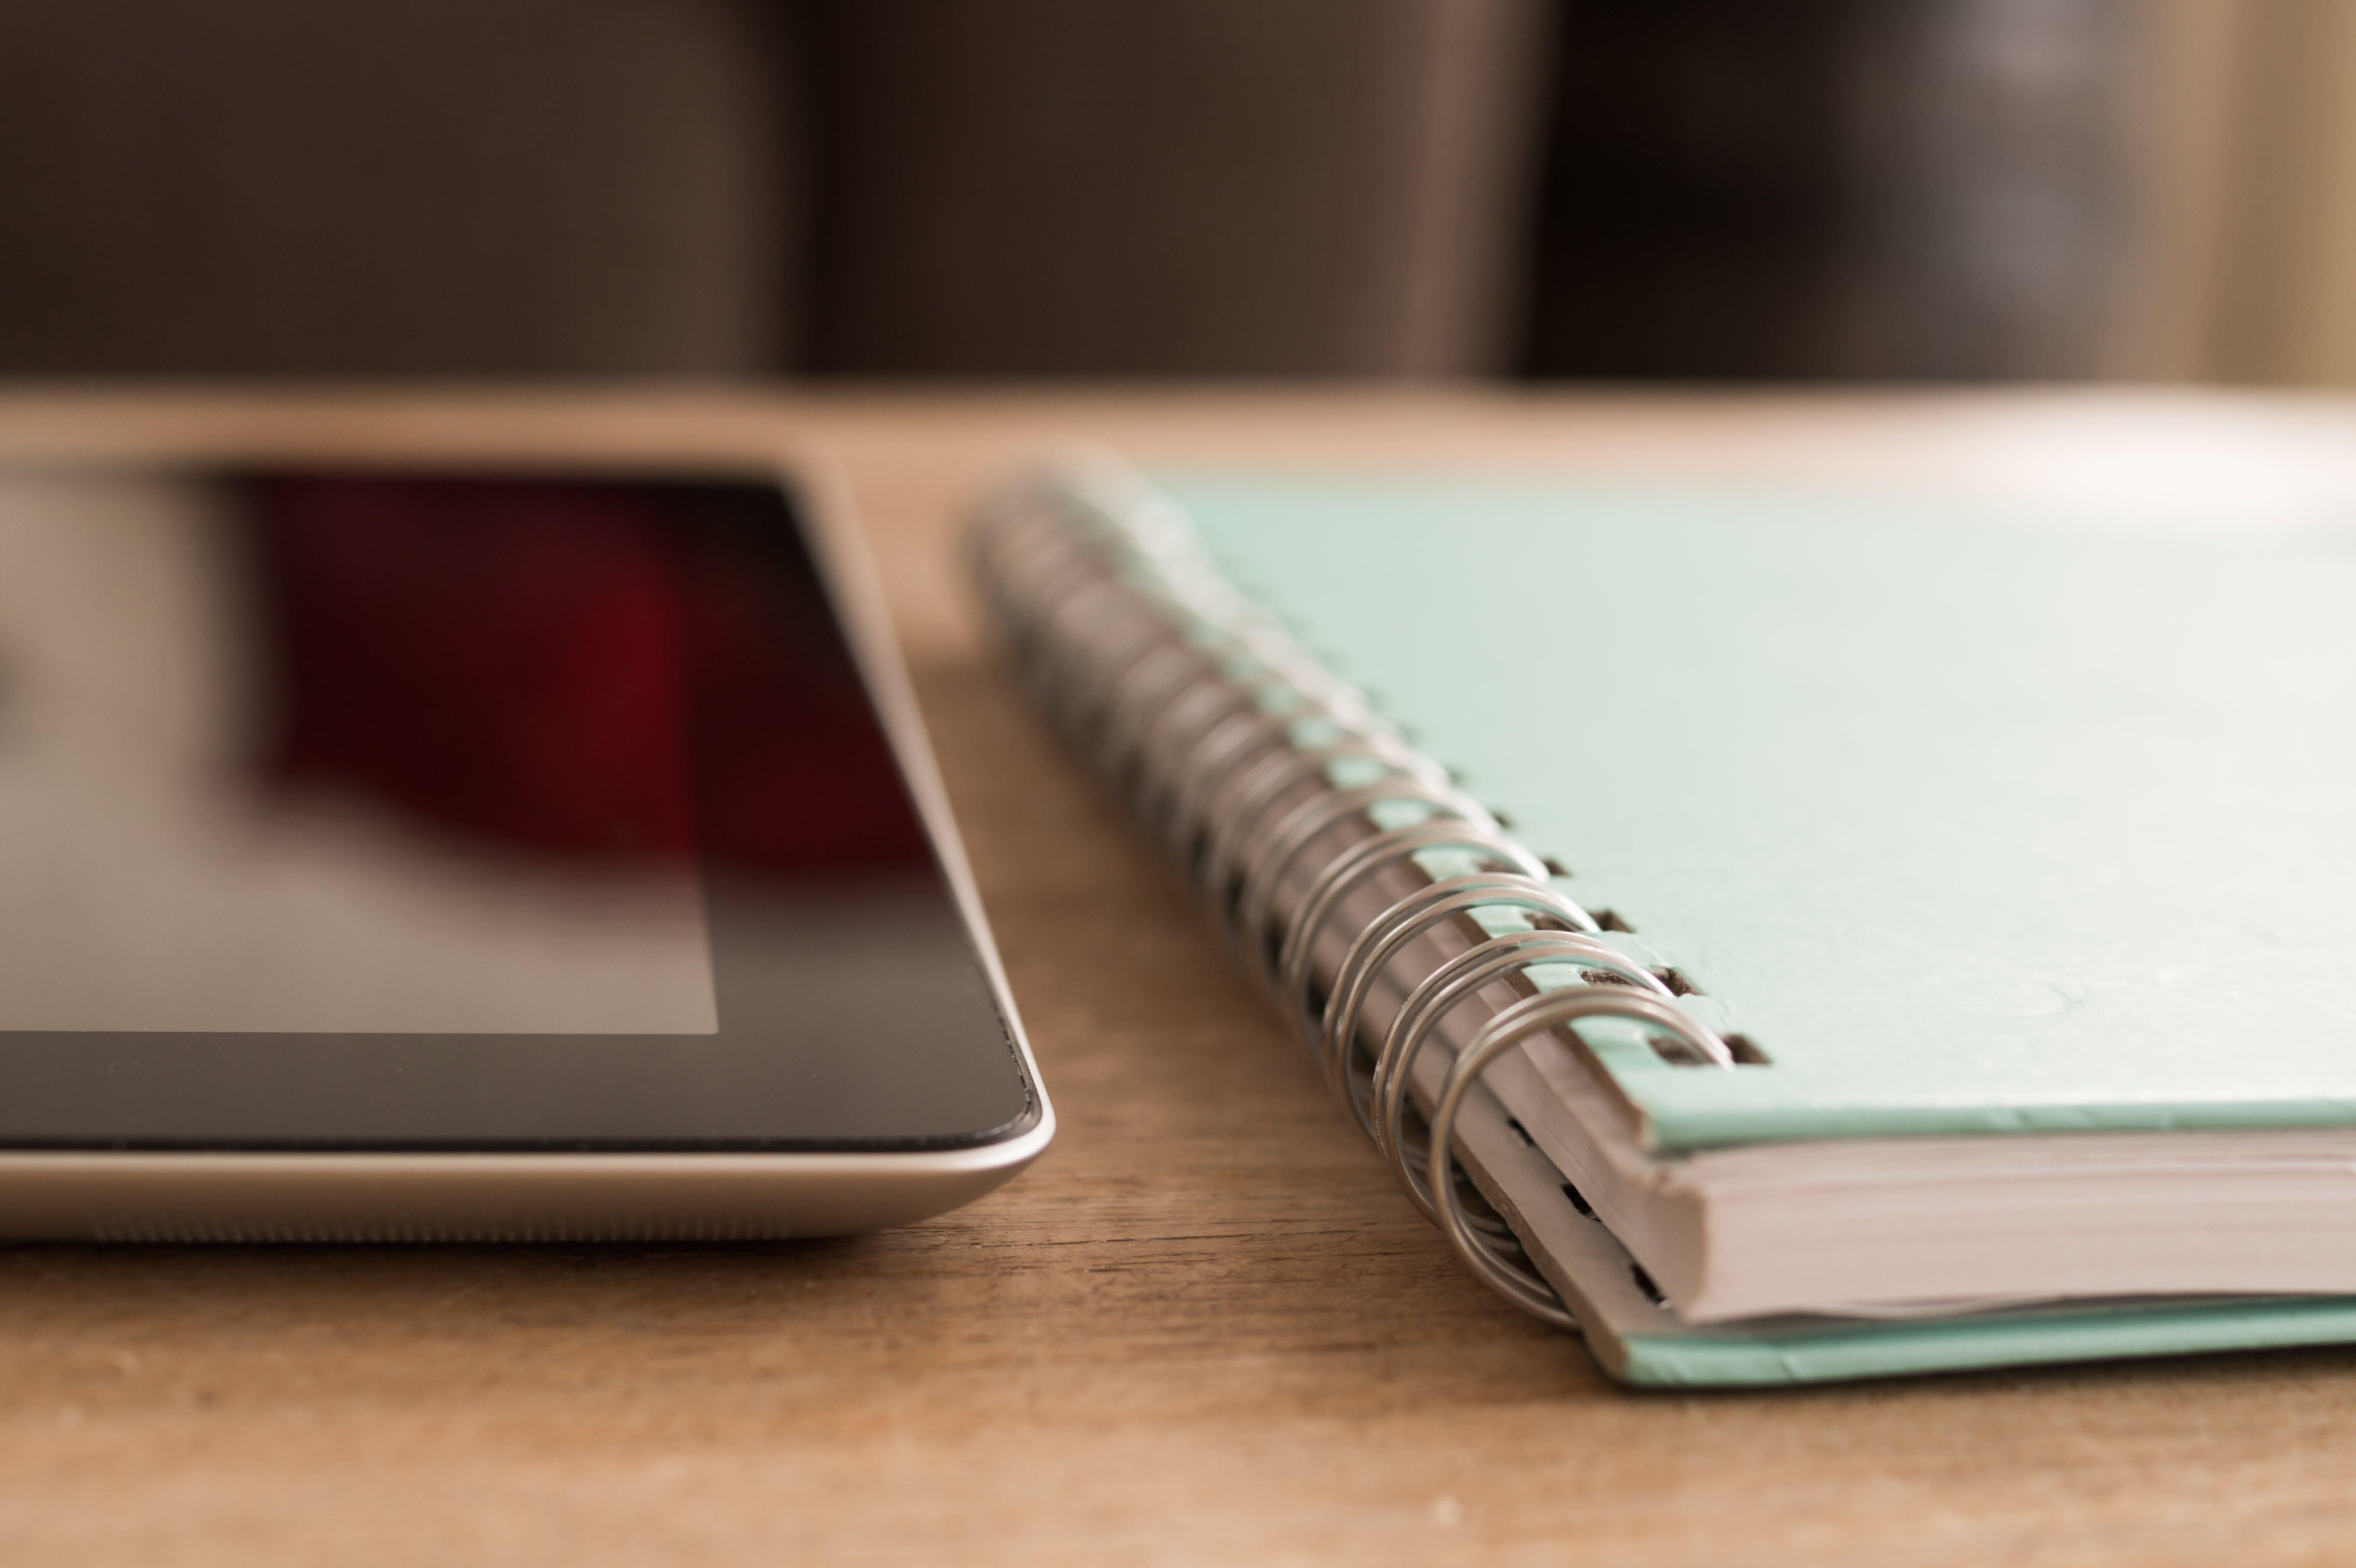 Δωρεάν στοκ φωτογραφιών με ipad, tablet, γραφείο, σημειωματάριο